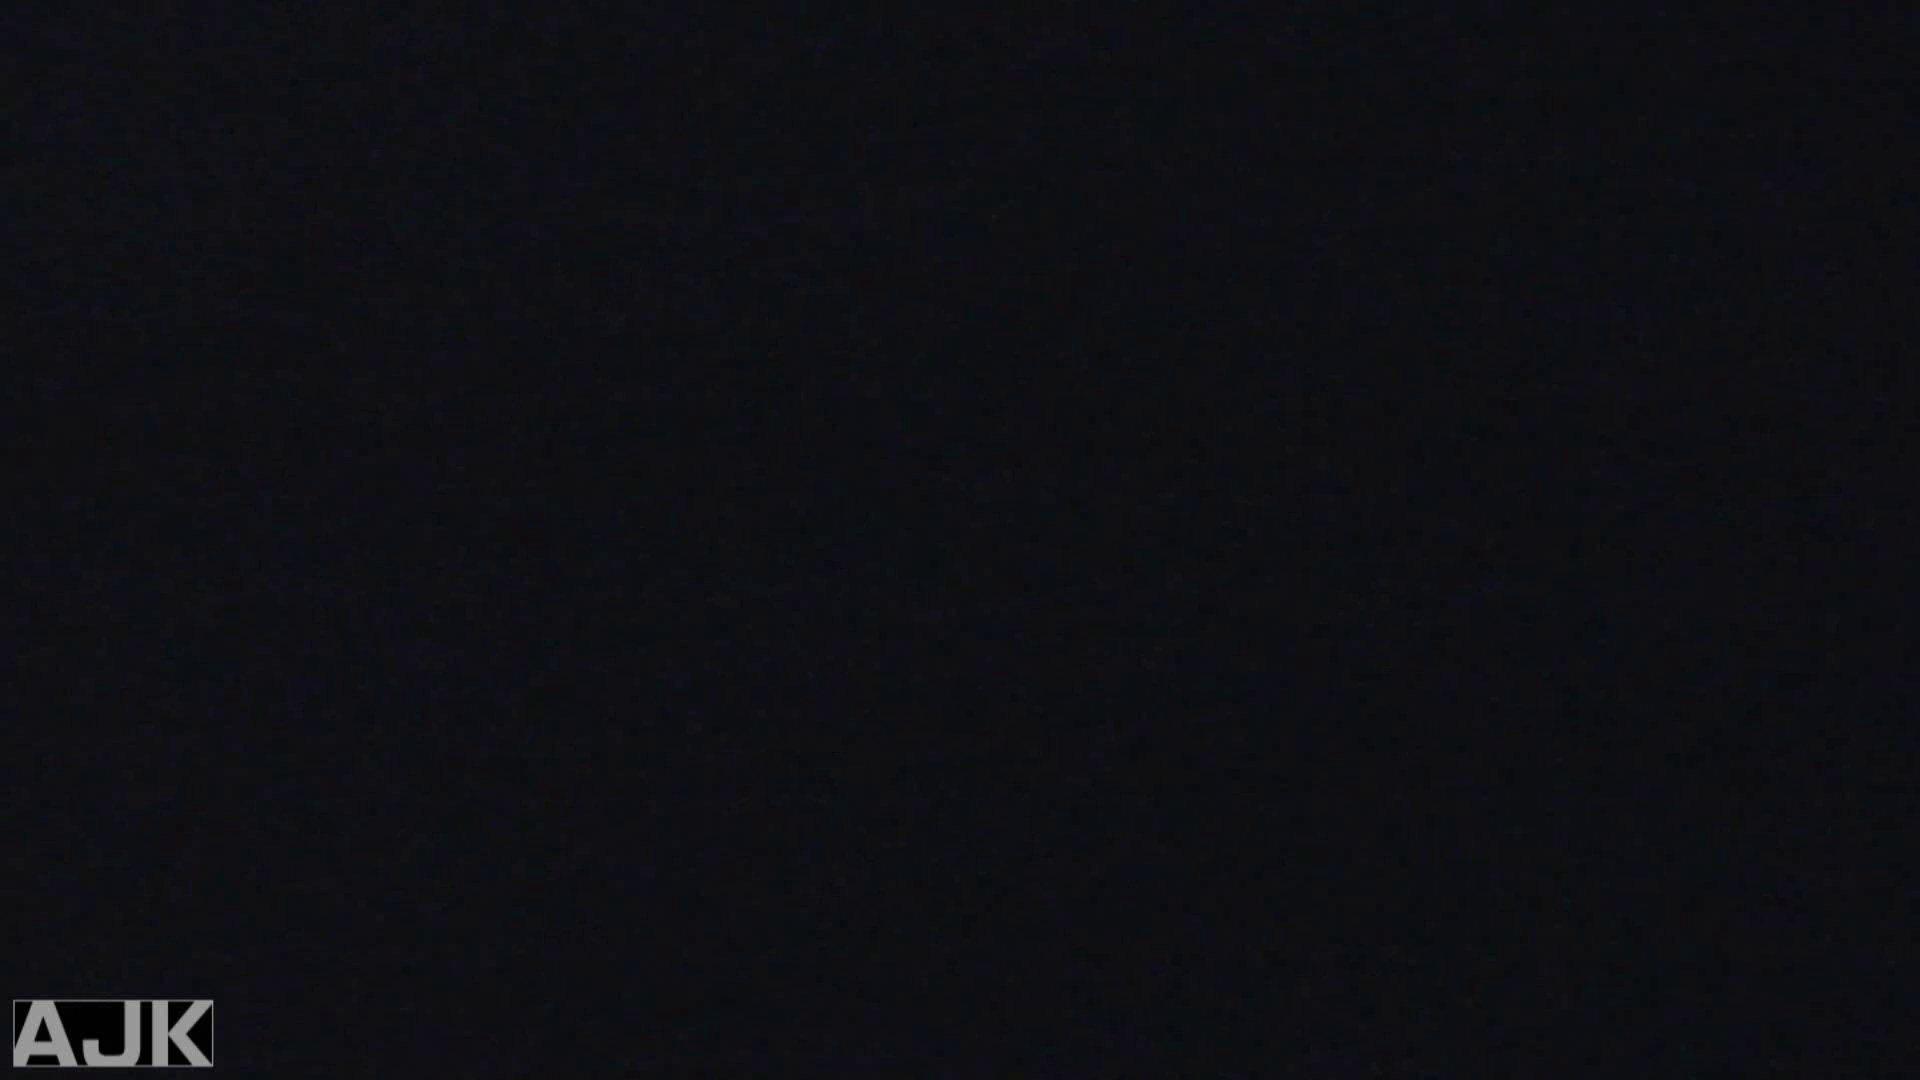 神降臨!史上最強の潜入かわや! vol.24 盗撮 濡れ場動画紹介 90連発 9